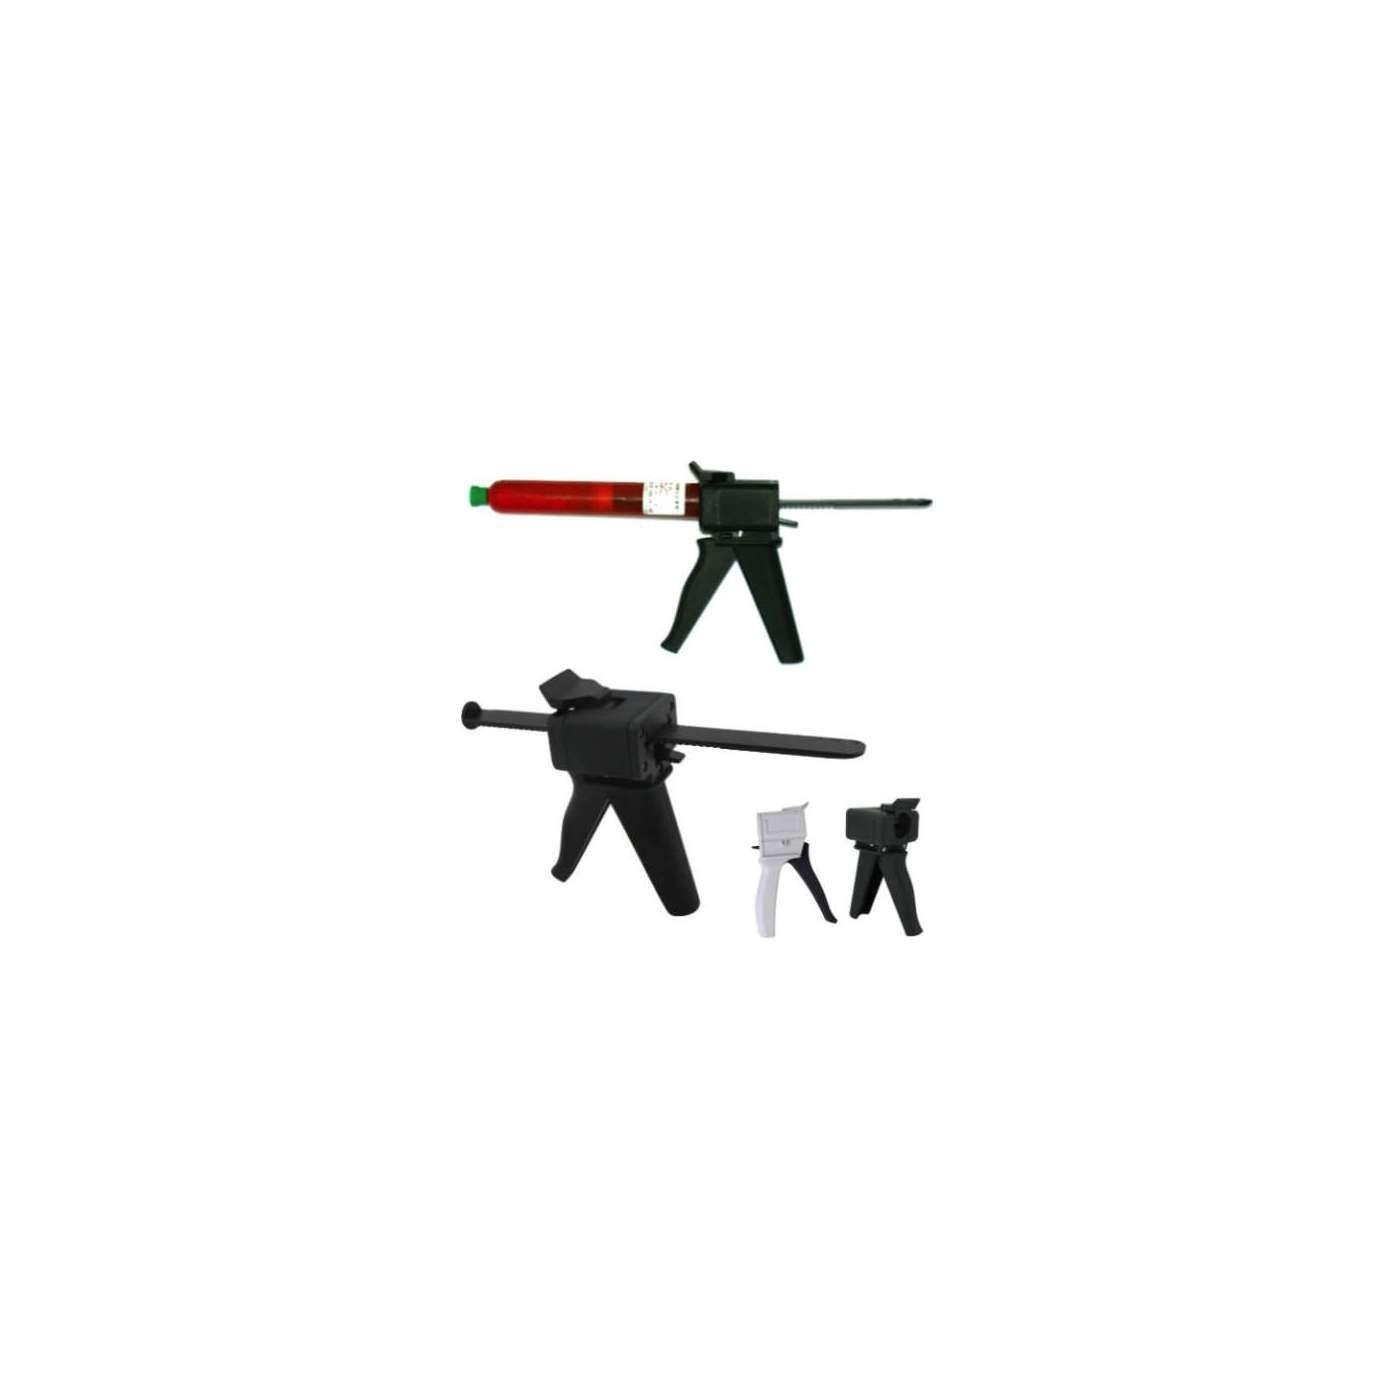 Spender Pistole Befestigung UV-Kleber Loca Kleber Installation